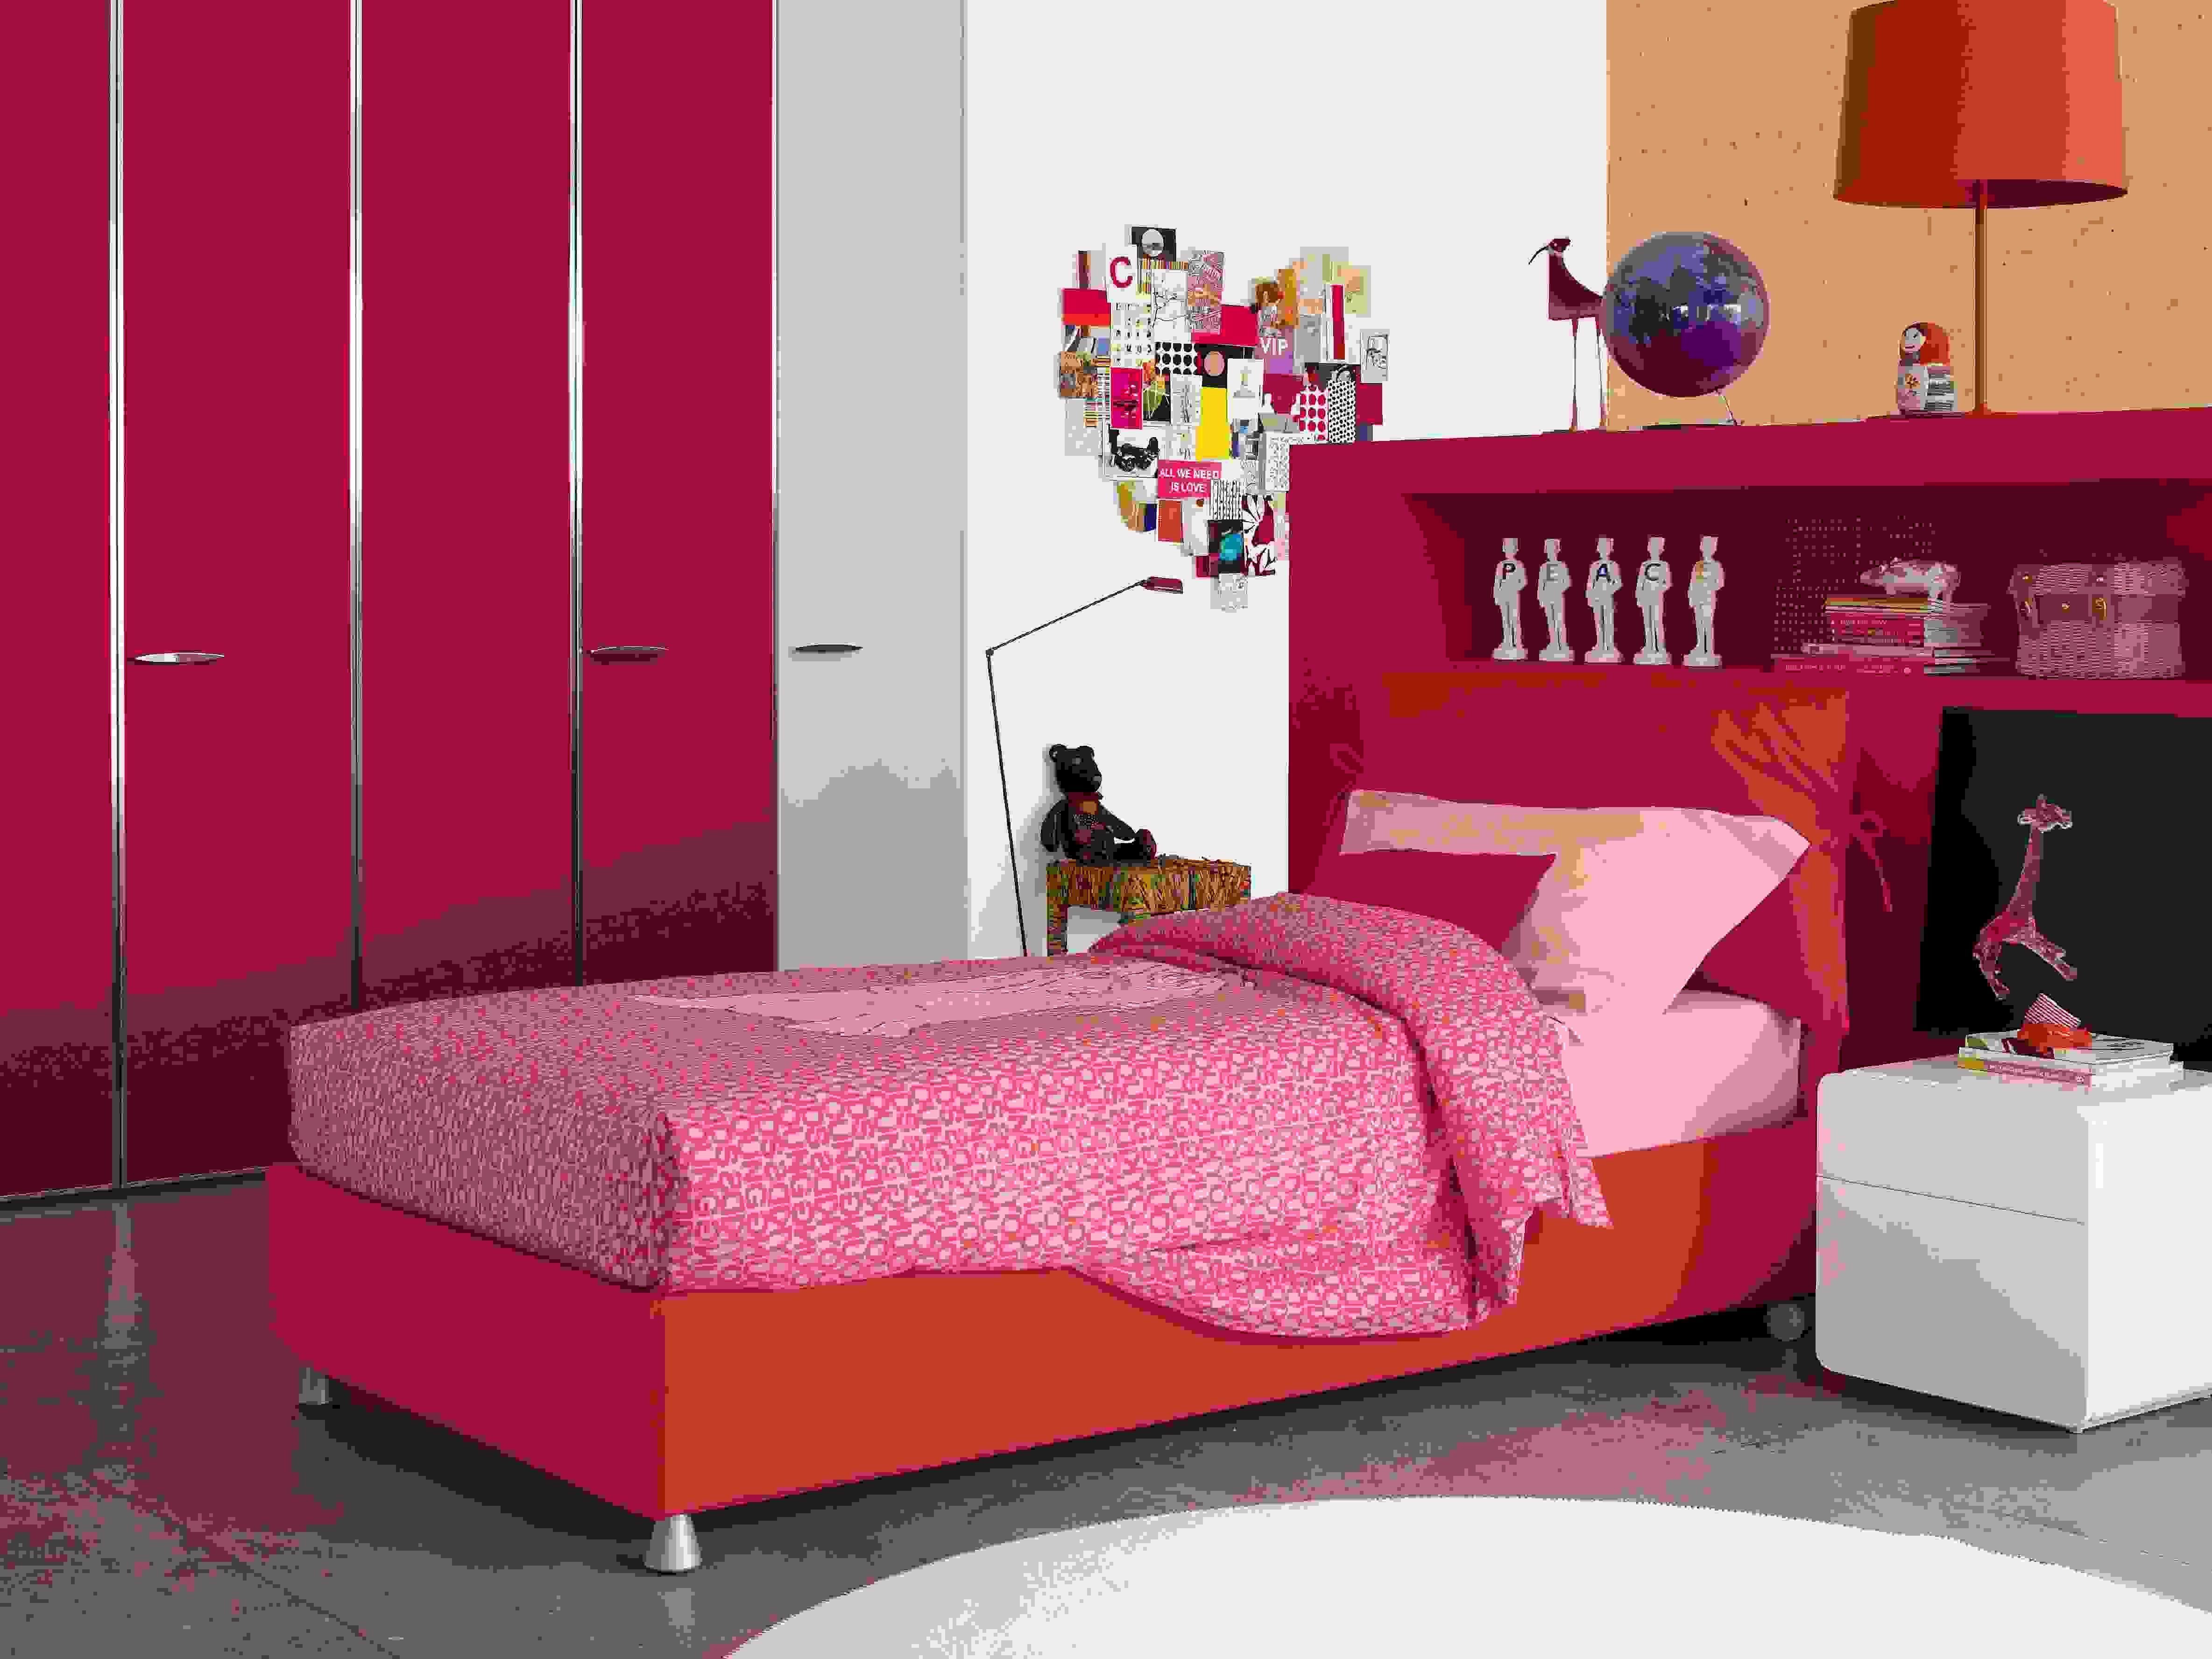 Ikea Lit Fille Meilleur De Juste Ikea Chambre Fille Ado Avec Lit 2 Places Ado Garcon ¢‹†…¡ Lit